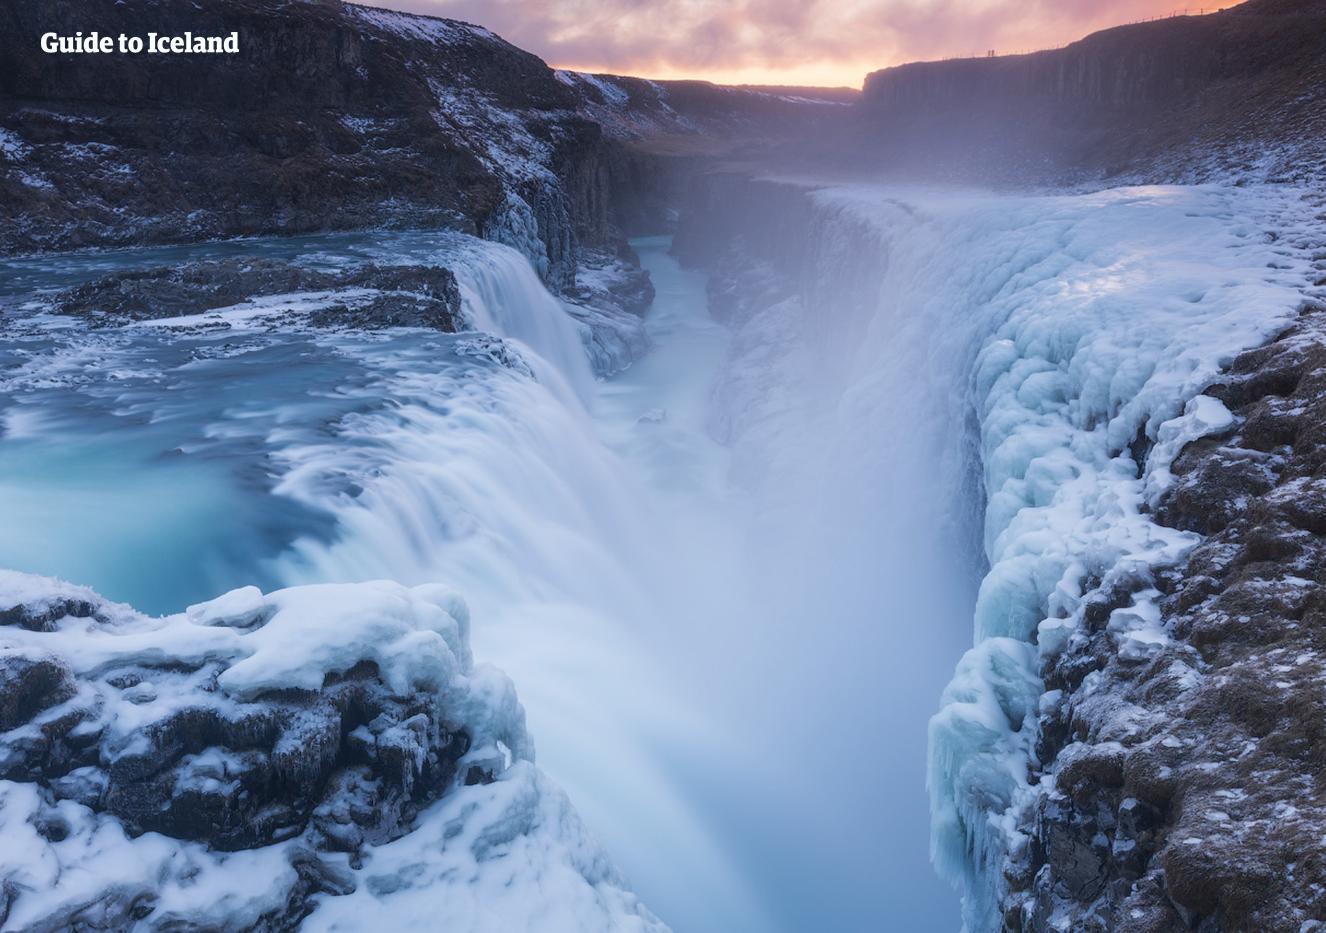 Autotour hiver de 12 jours | Tour de l'Islande et découverte de Snaefellsnes - day 2